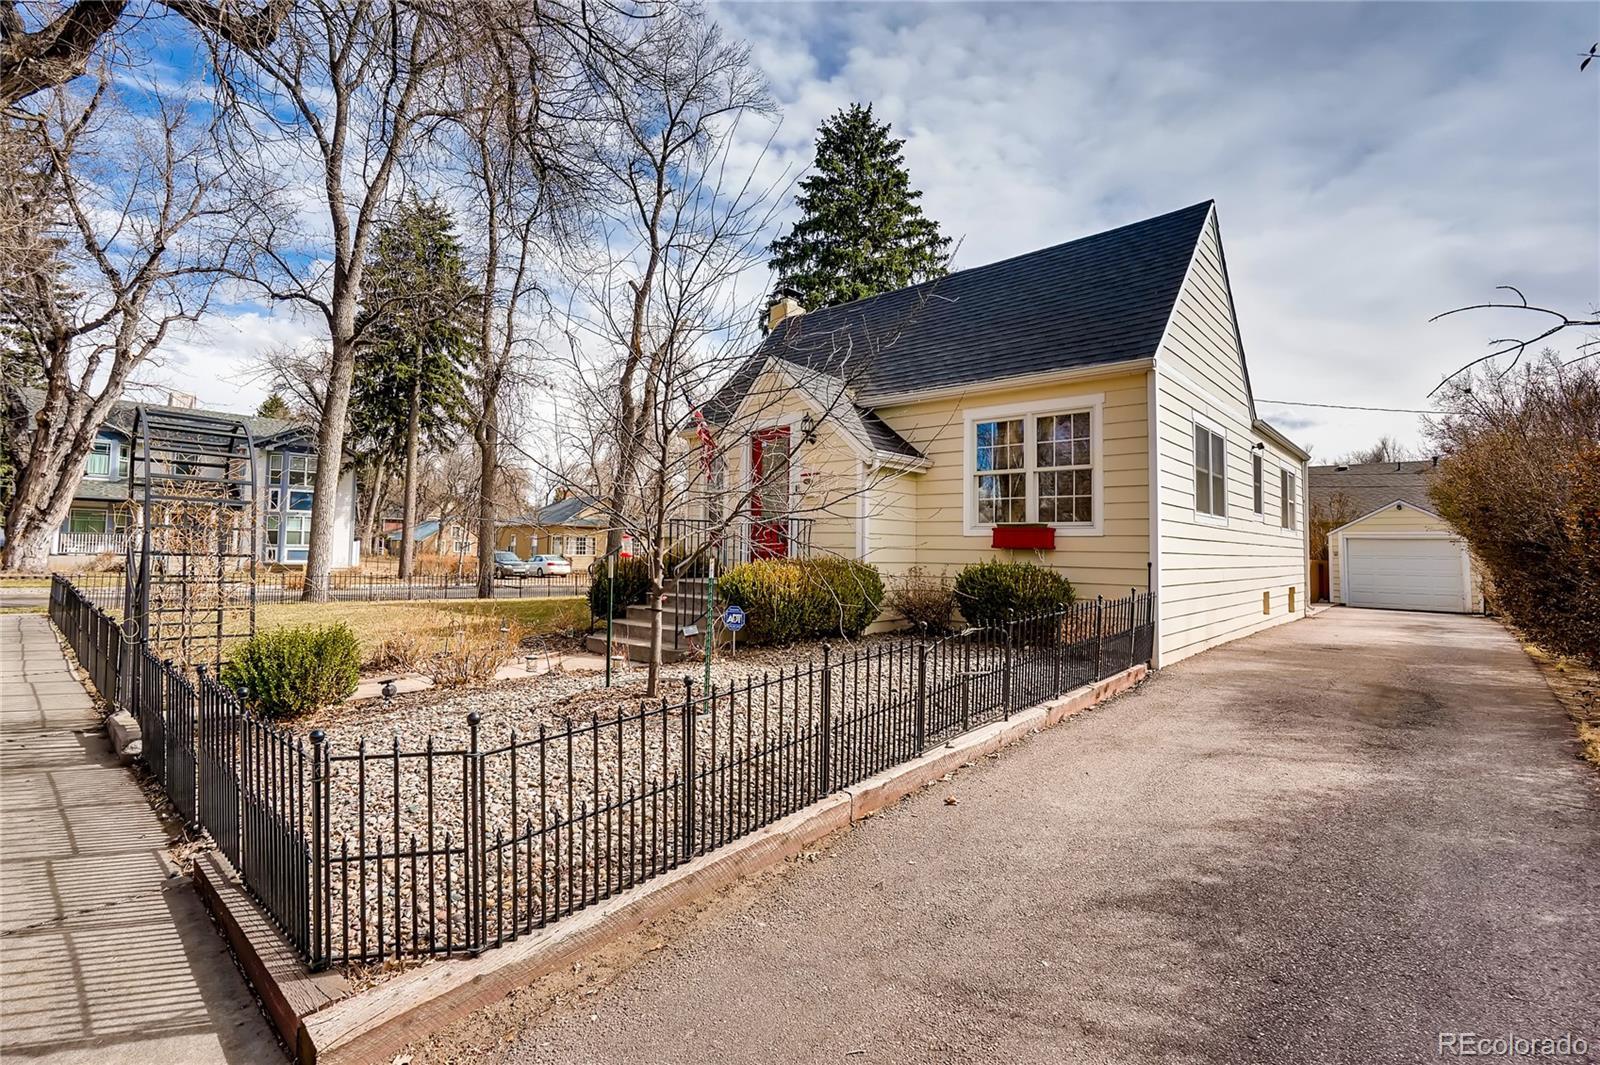 MLS# 3402431 - 1 - 745 E San Miguel Street, Colorado Springs, CO 80903